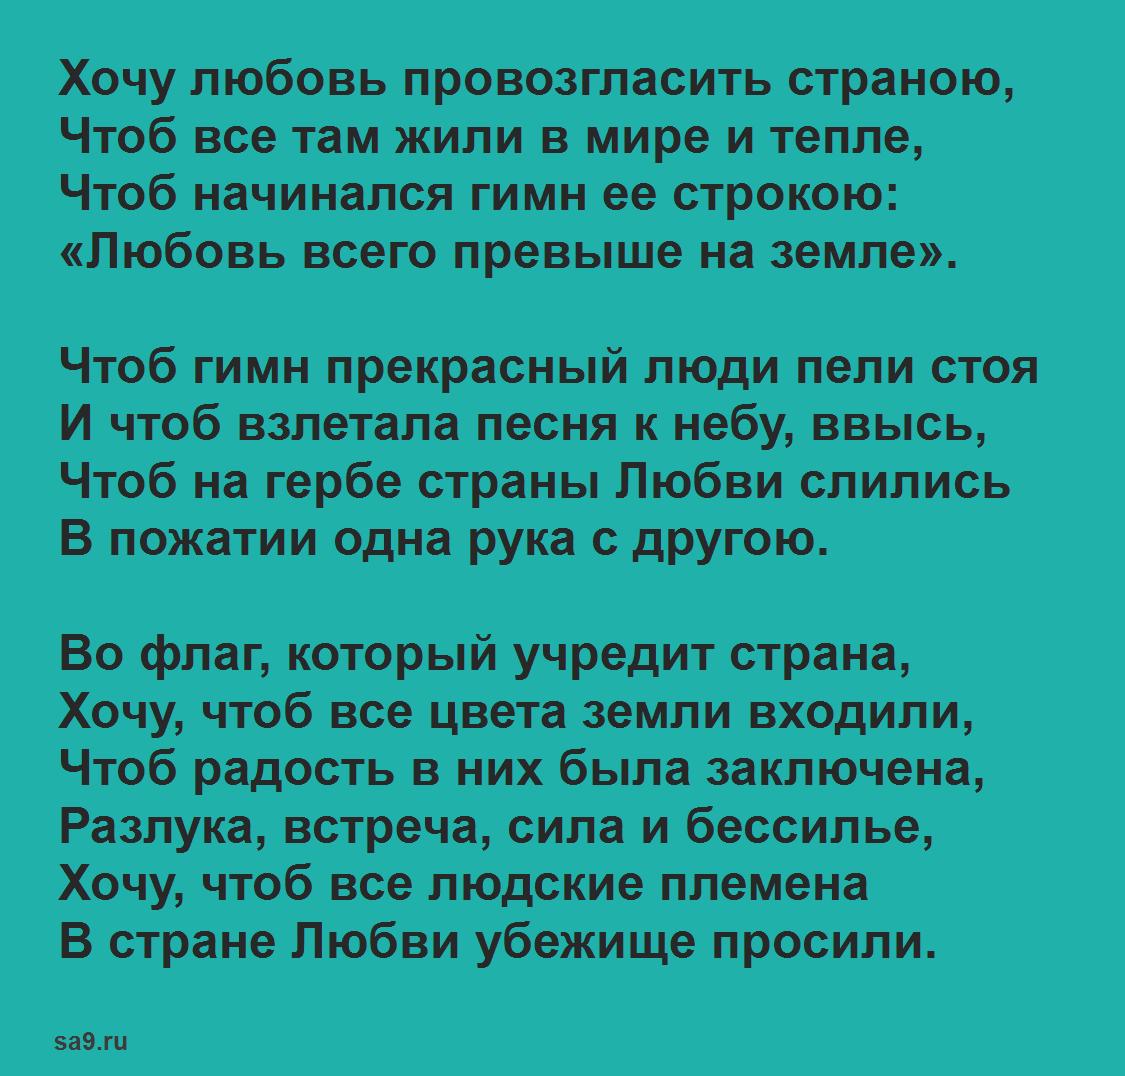 Гамзатов стихи о любви - Хочу любовь провозгласить страною